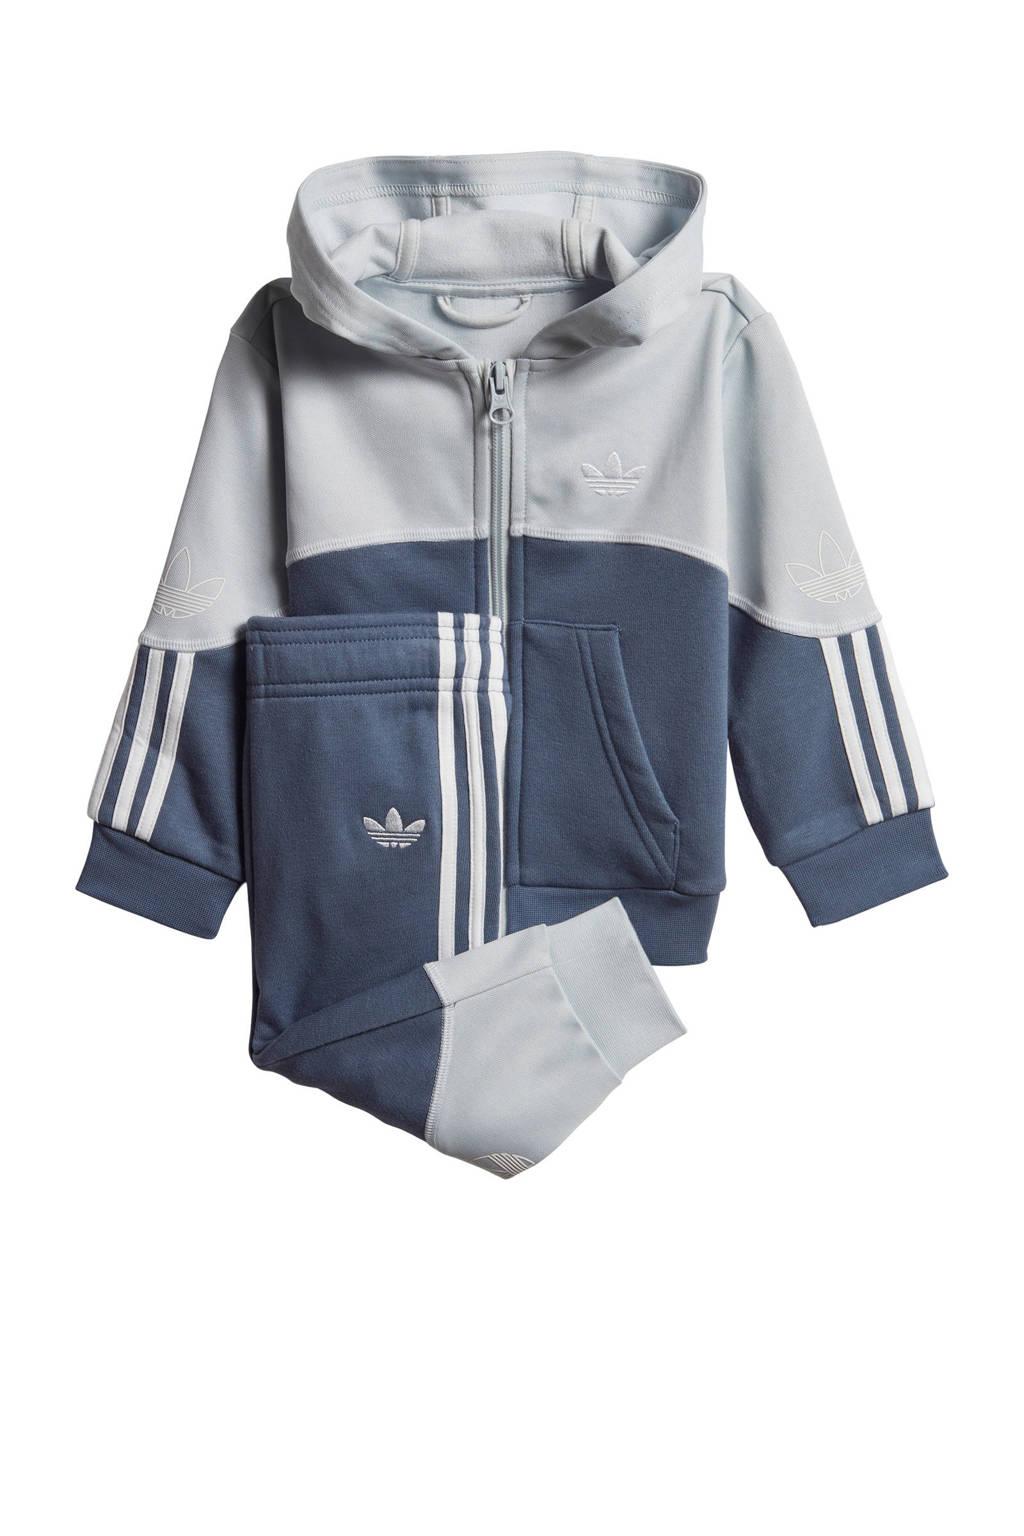 adidas Originals   joggingpak donkerblauw/grijs, Donkerblauw/grijs